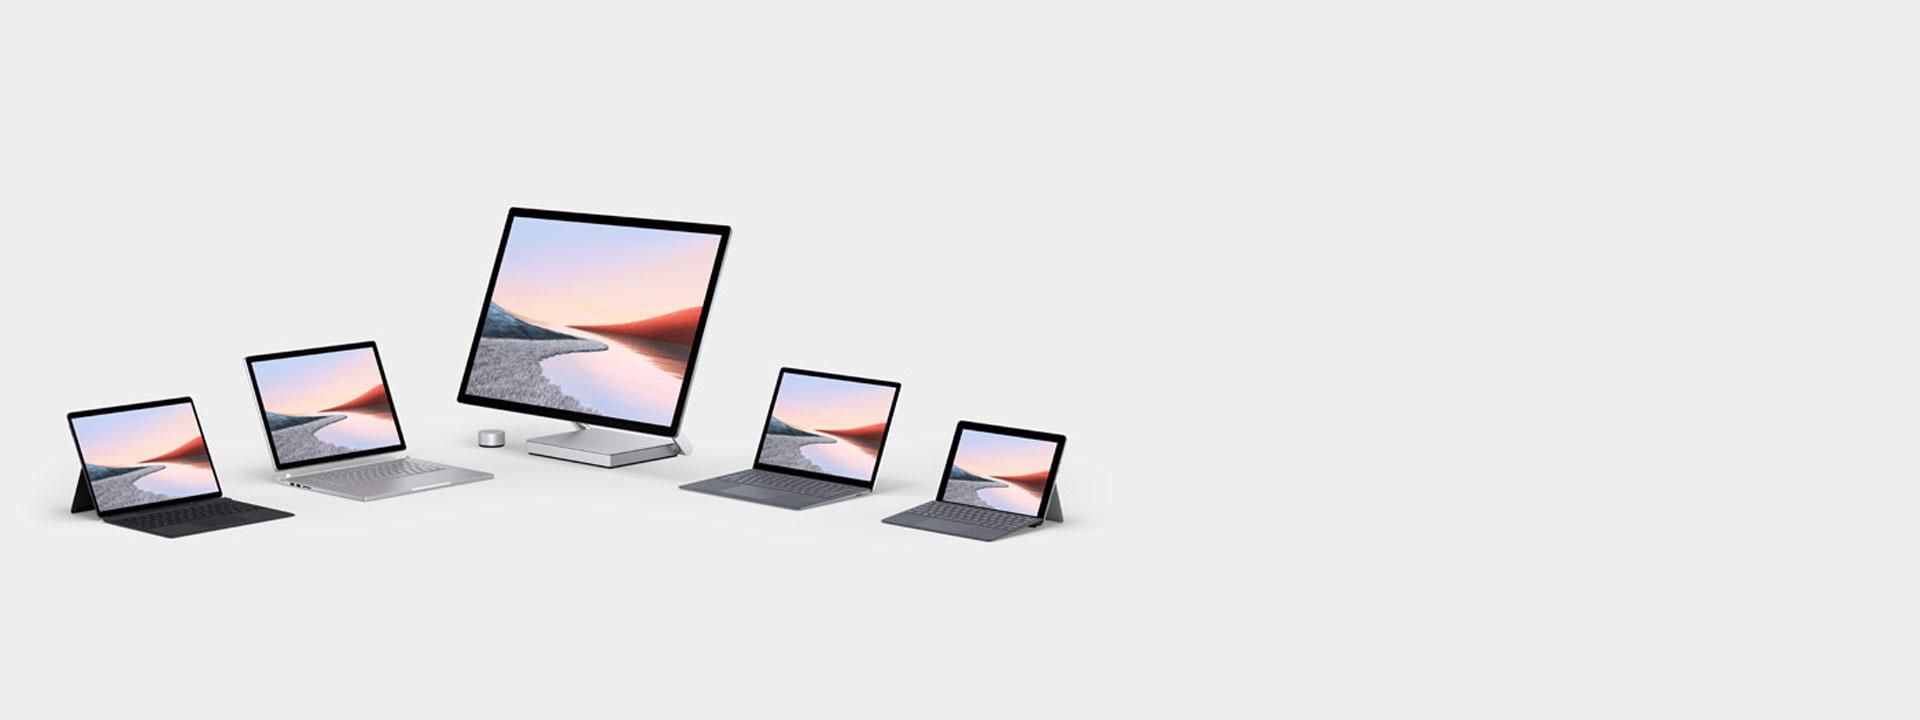 La nuova famiglia di dispositivi Surface